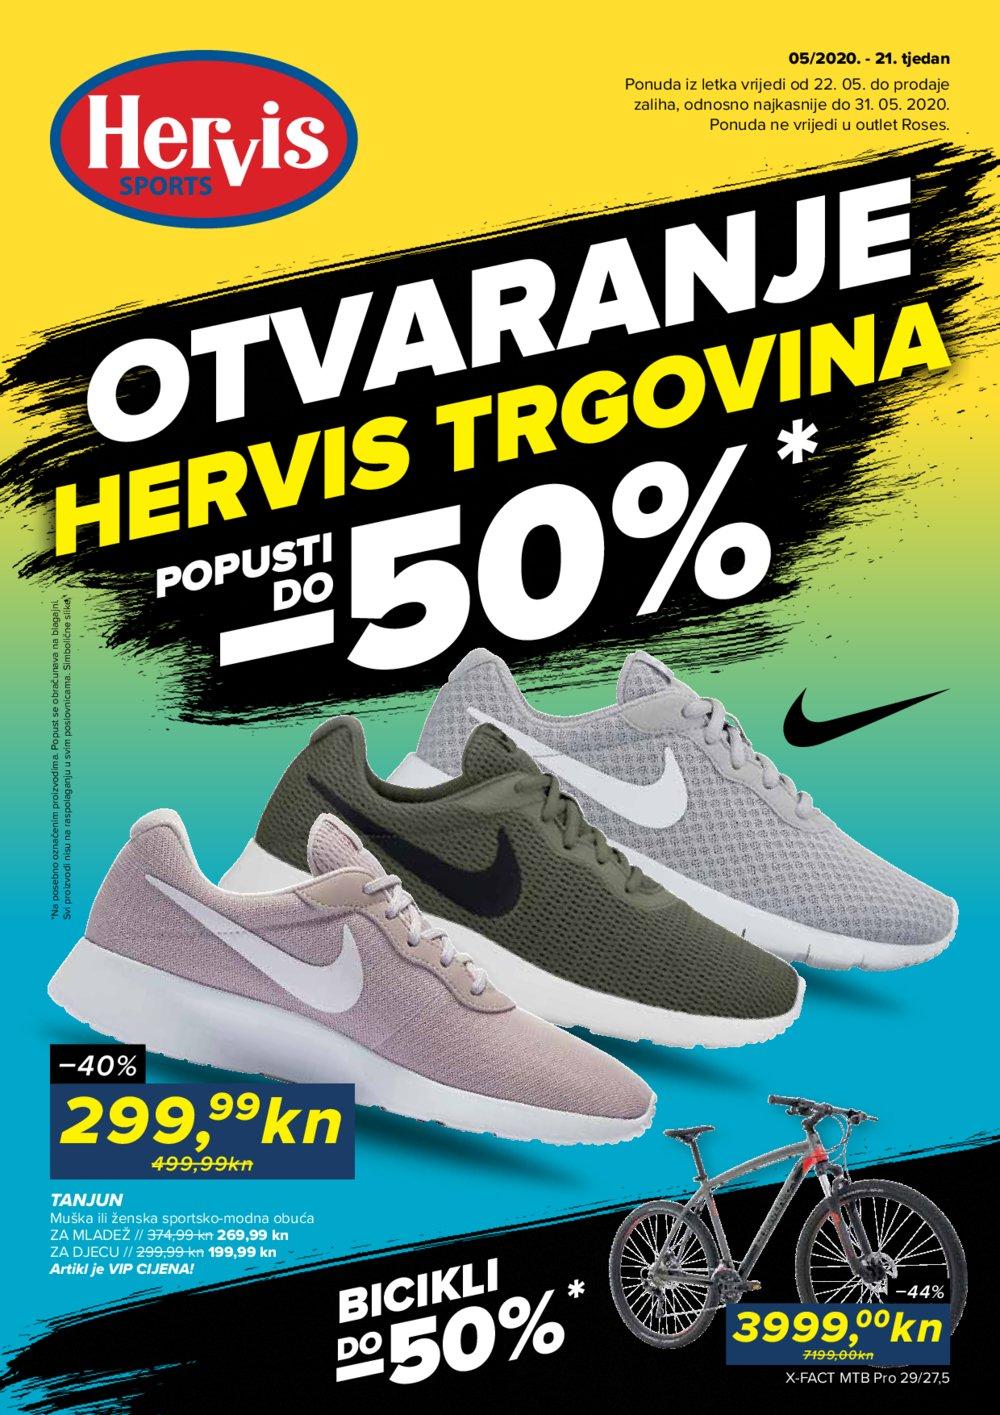 Hervis katalog Otvaranje trgovina 22.05.-31.05.2020.